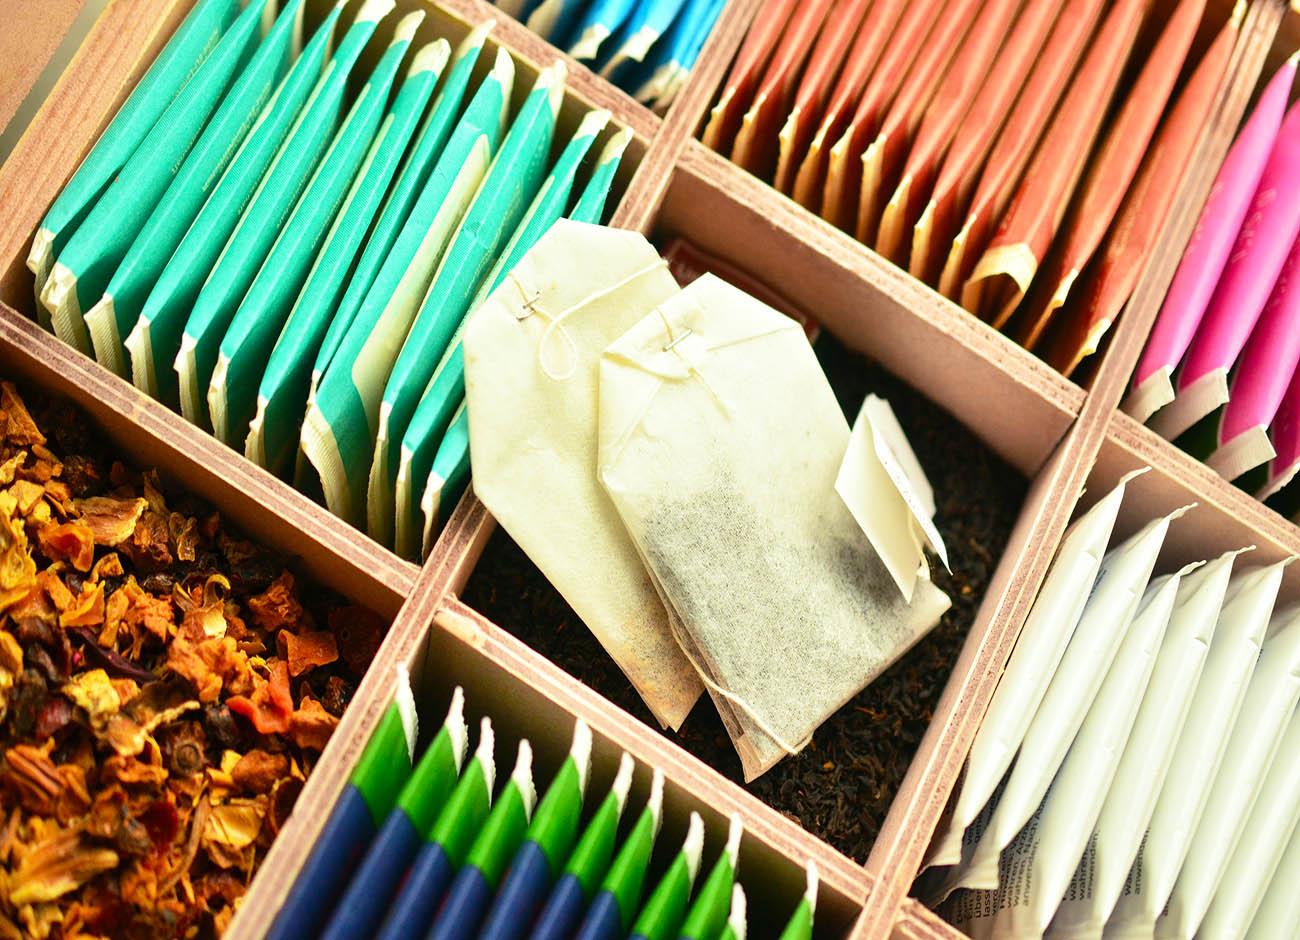 yogi tea marque zen